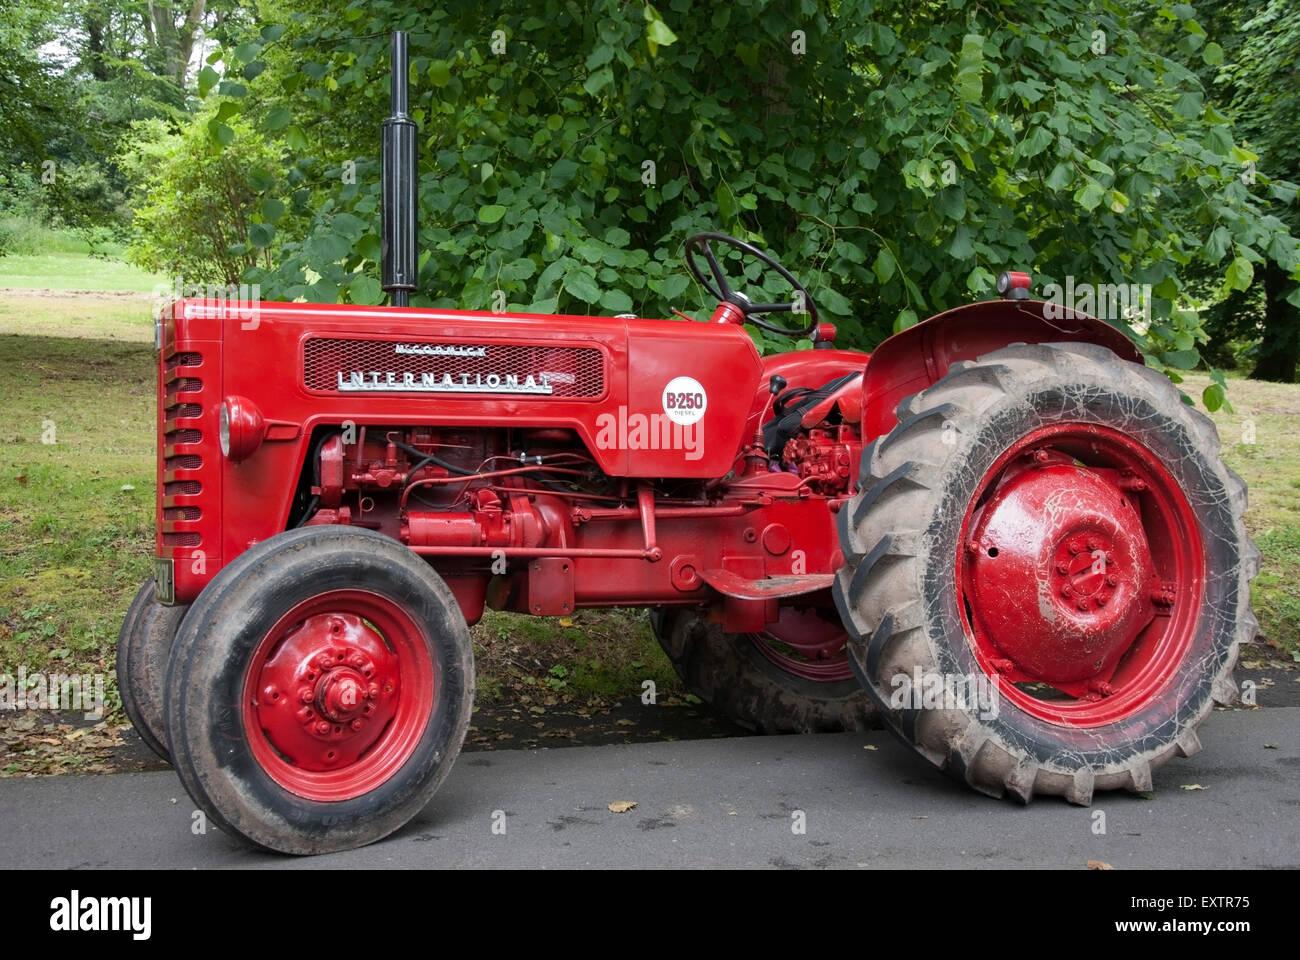 1950's Bright Red McCormick International B 250 Diesel Series Vintage  FarmTractor